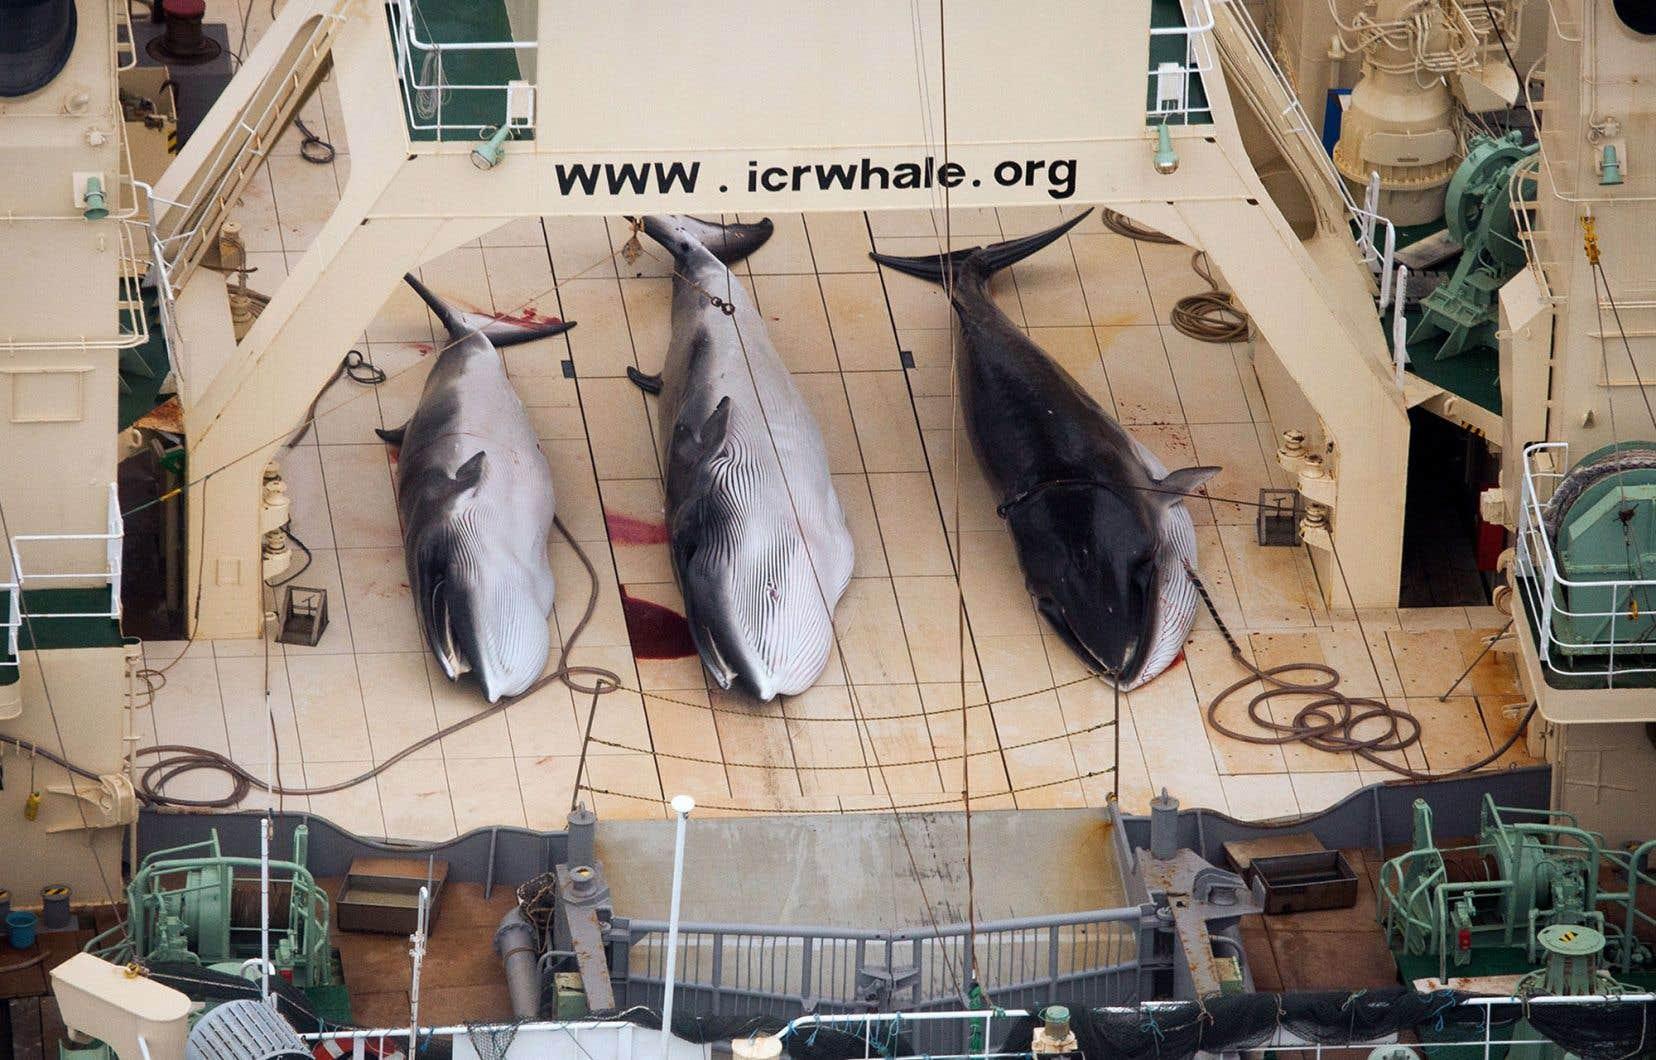 Le jugement reproche au Japon de ne pas avoir envisagé de programme de moins grande envergure, ni même de méthodes non mortelles, pour étudier les populations de baleines.